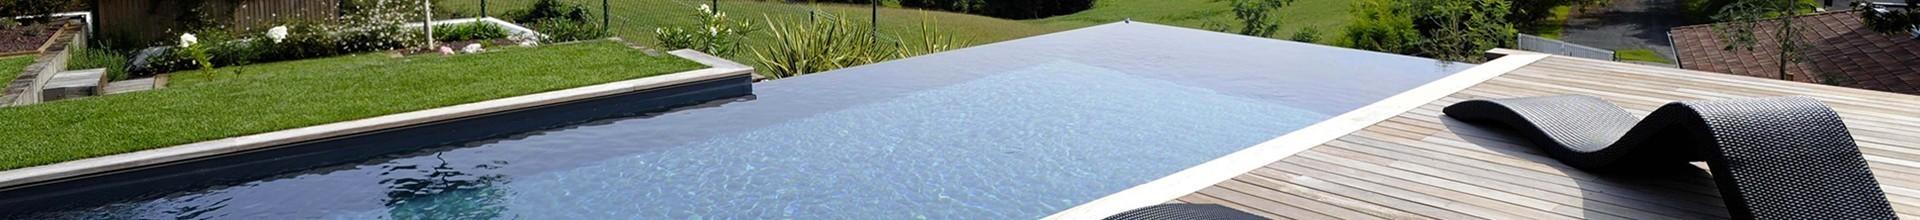 Direct usine, piscine coque prix Hautes-Alpes